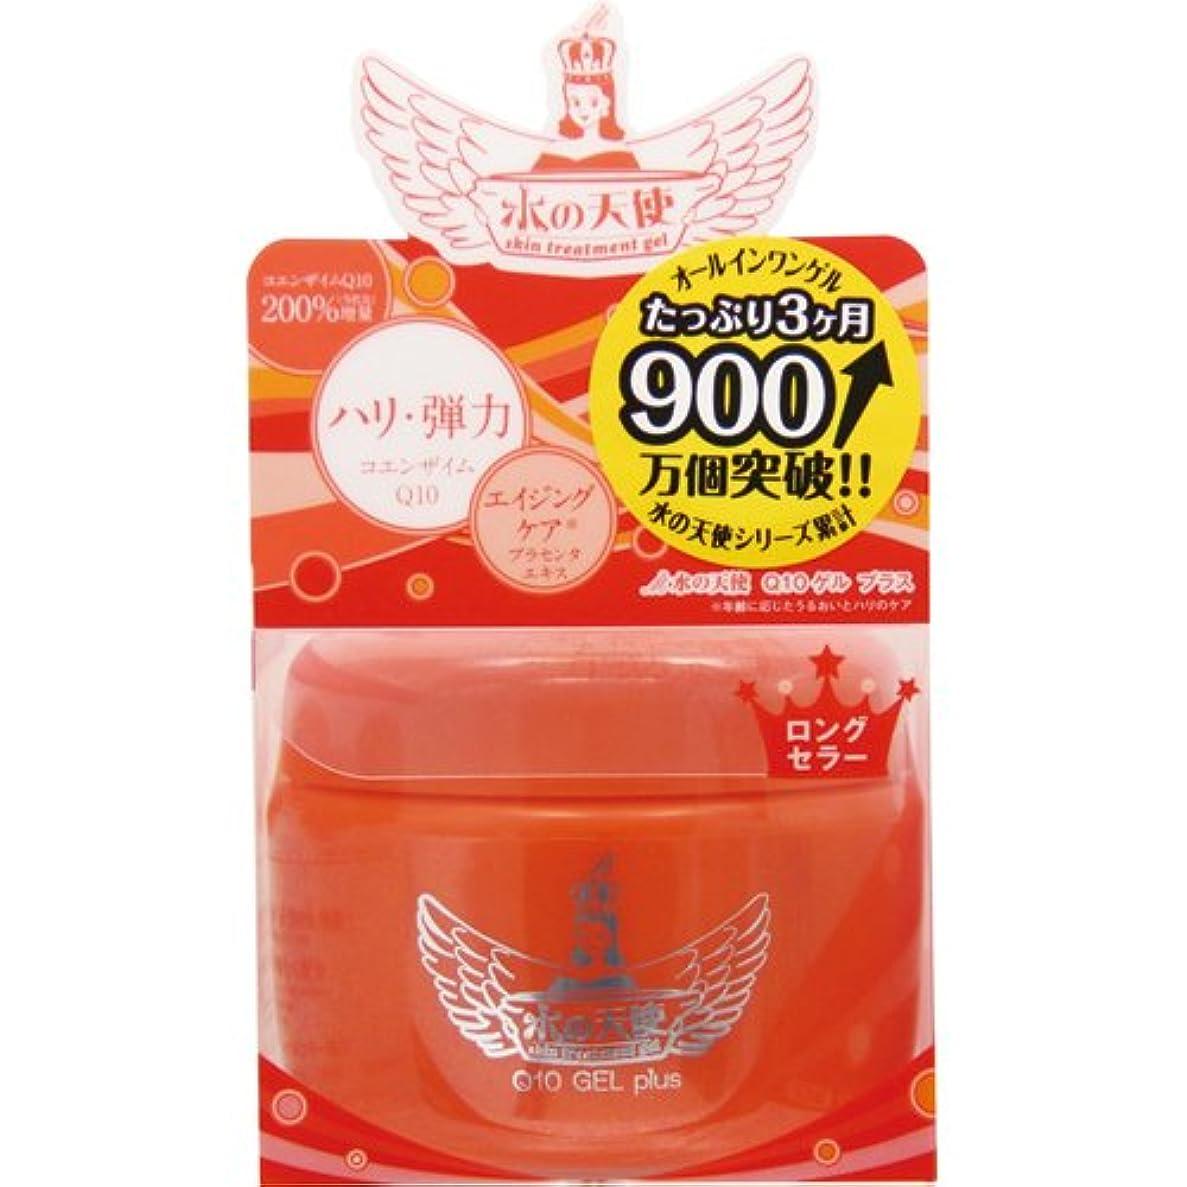 歯令状コーラス水の天使 Q10ゲルプラス 150g